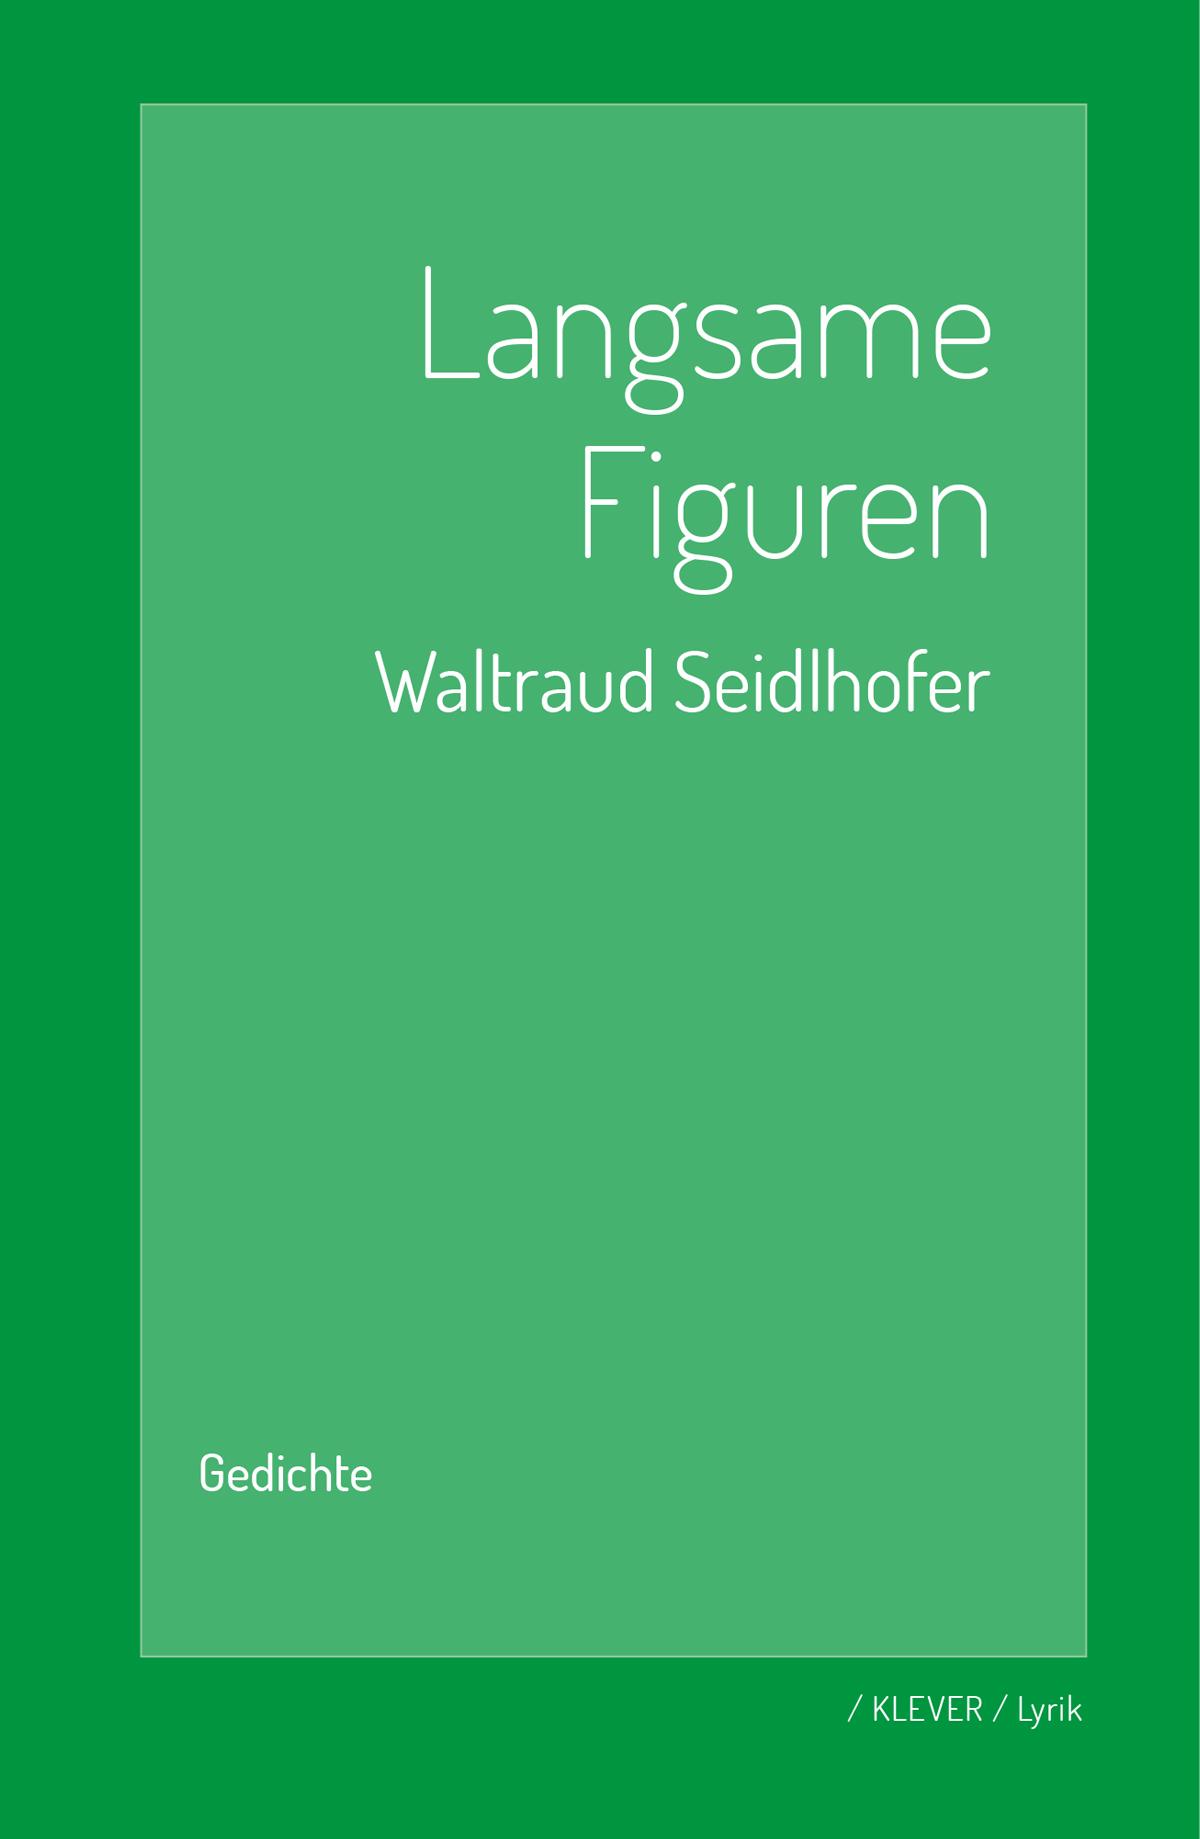 Waltraud Seidlhofer ~ Langsame Figuren 9783903110038